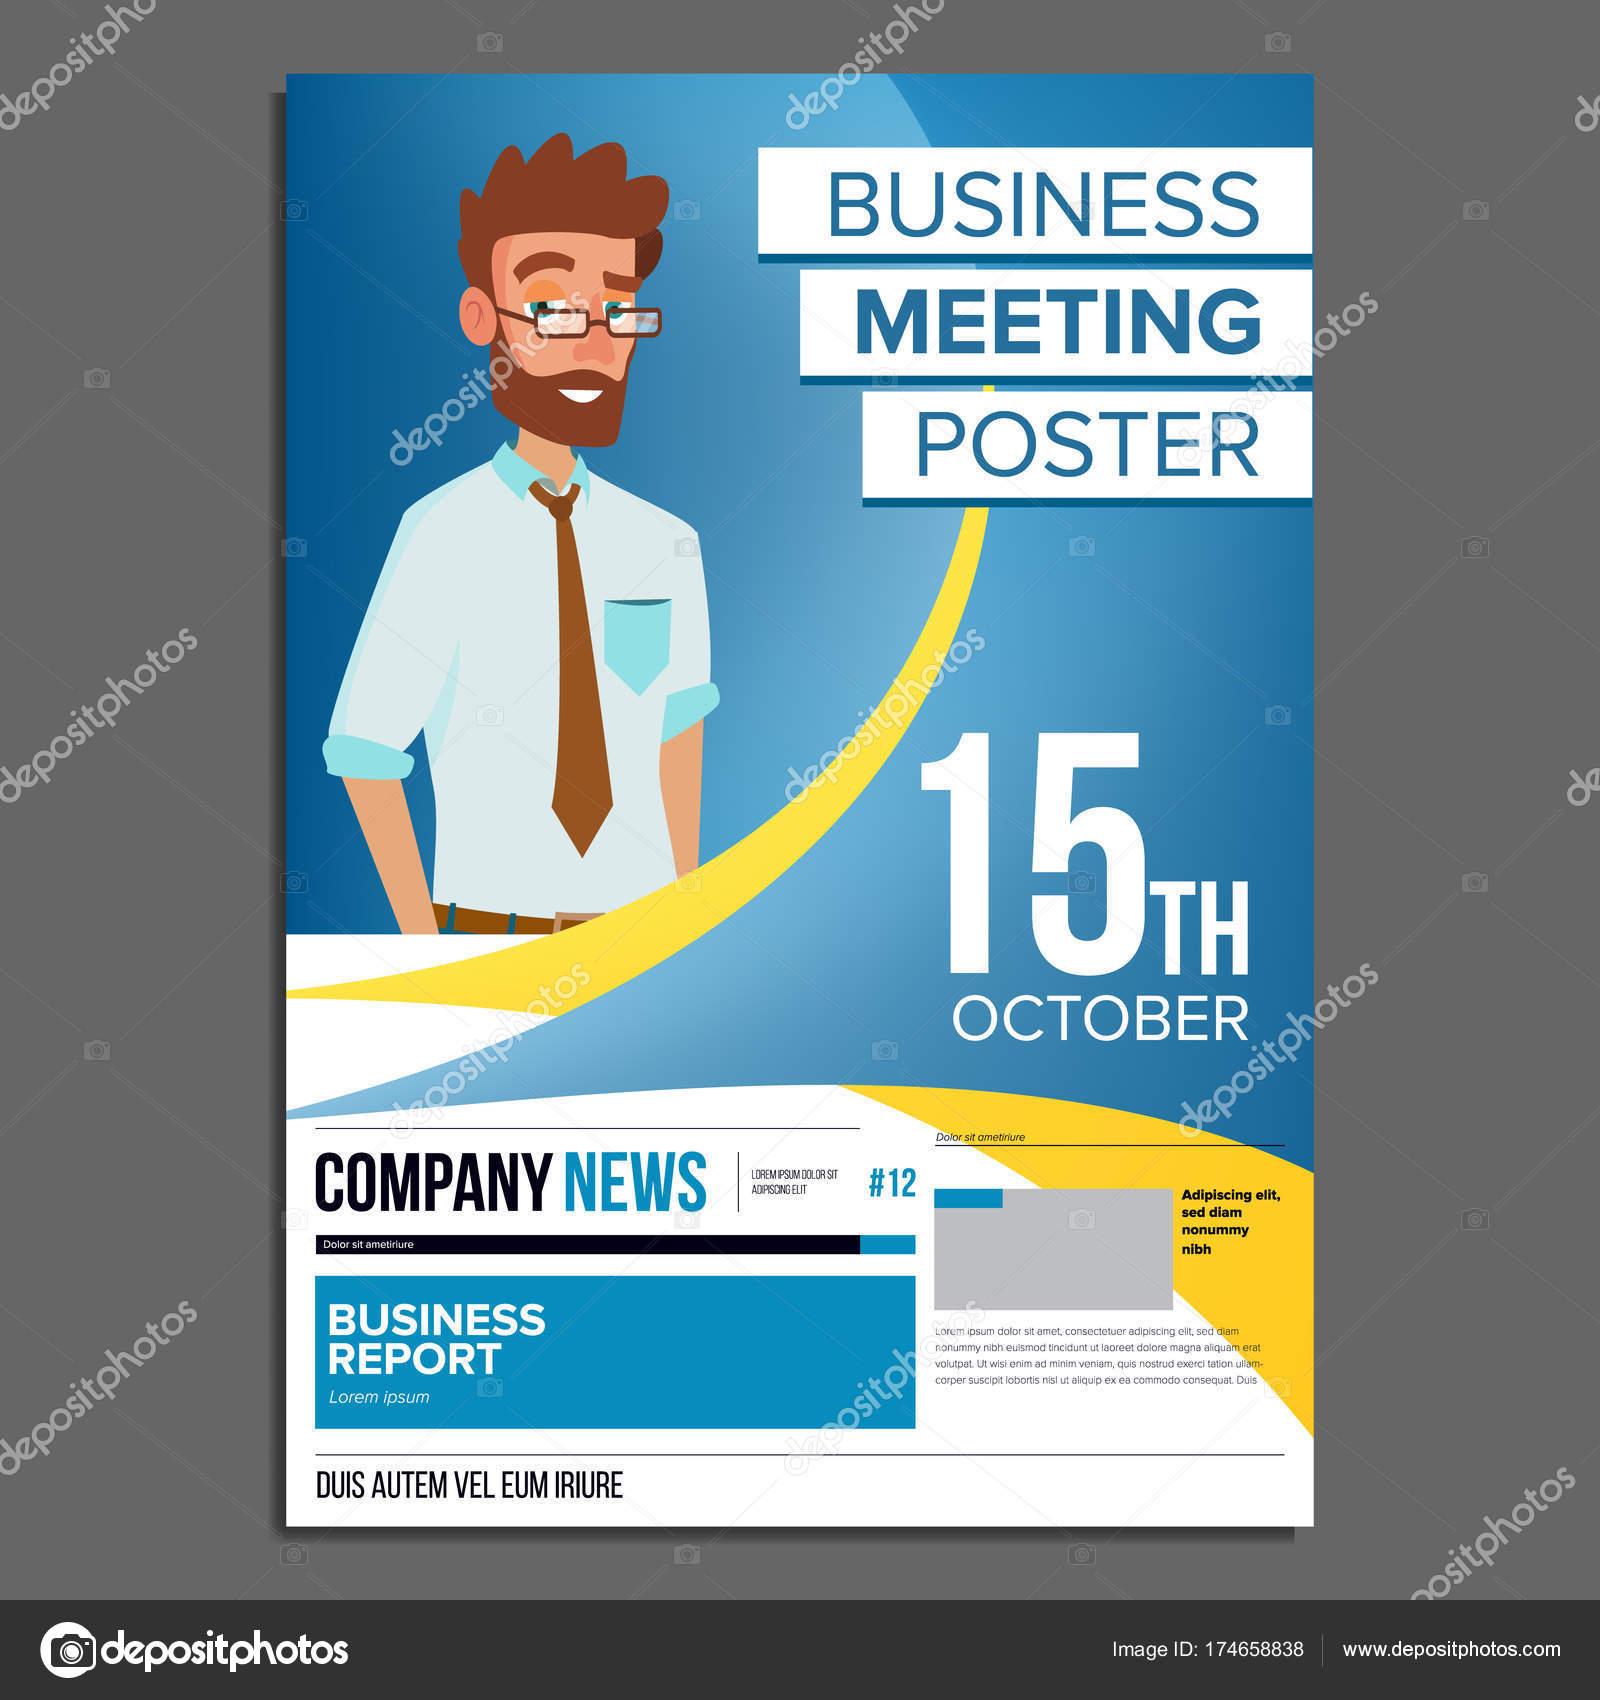 Business Meeting Poster Vektor. Geschäftsmann. Einladung zur ...